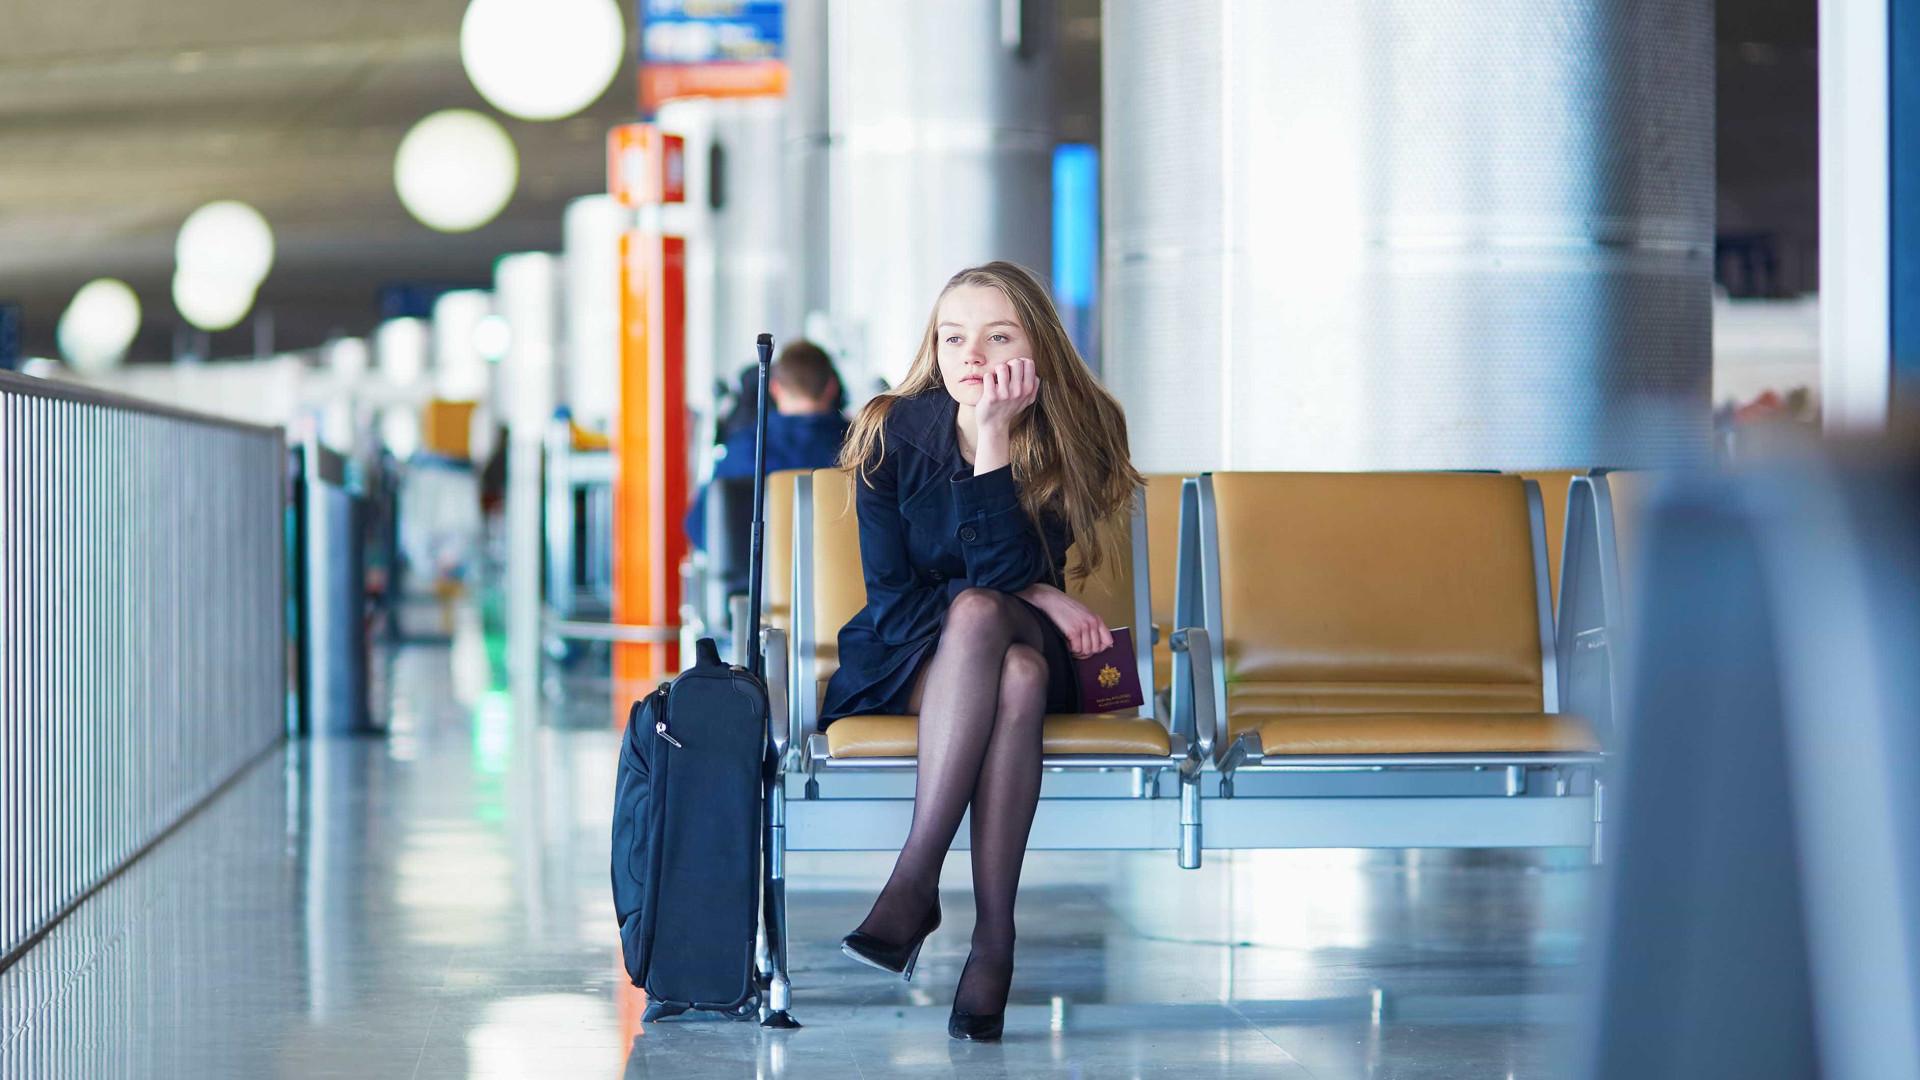 Passageiro terá que pagar por bagagem em voos a partir de março